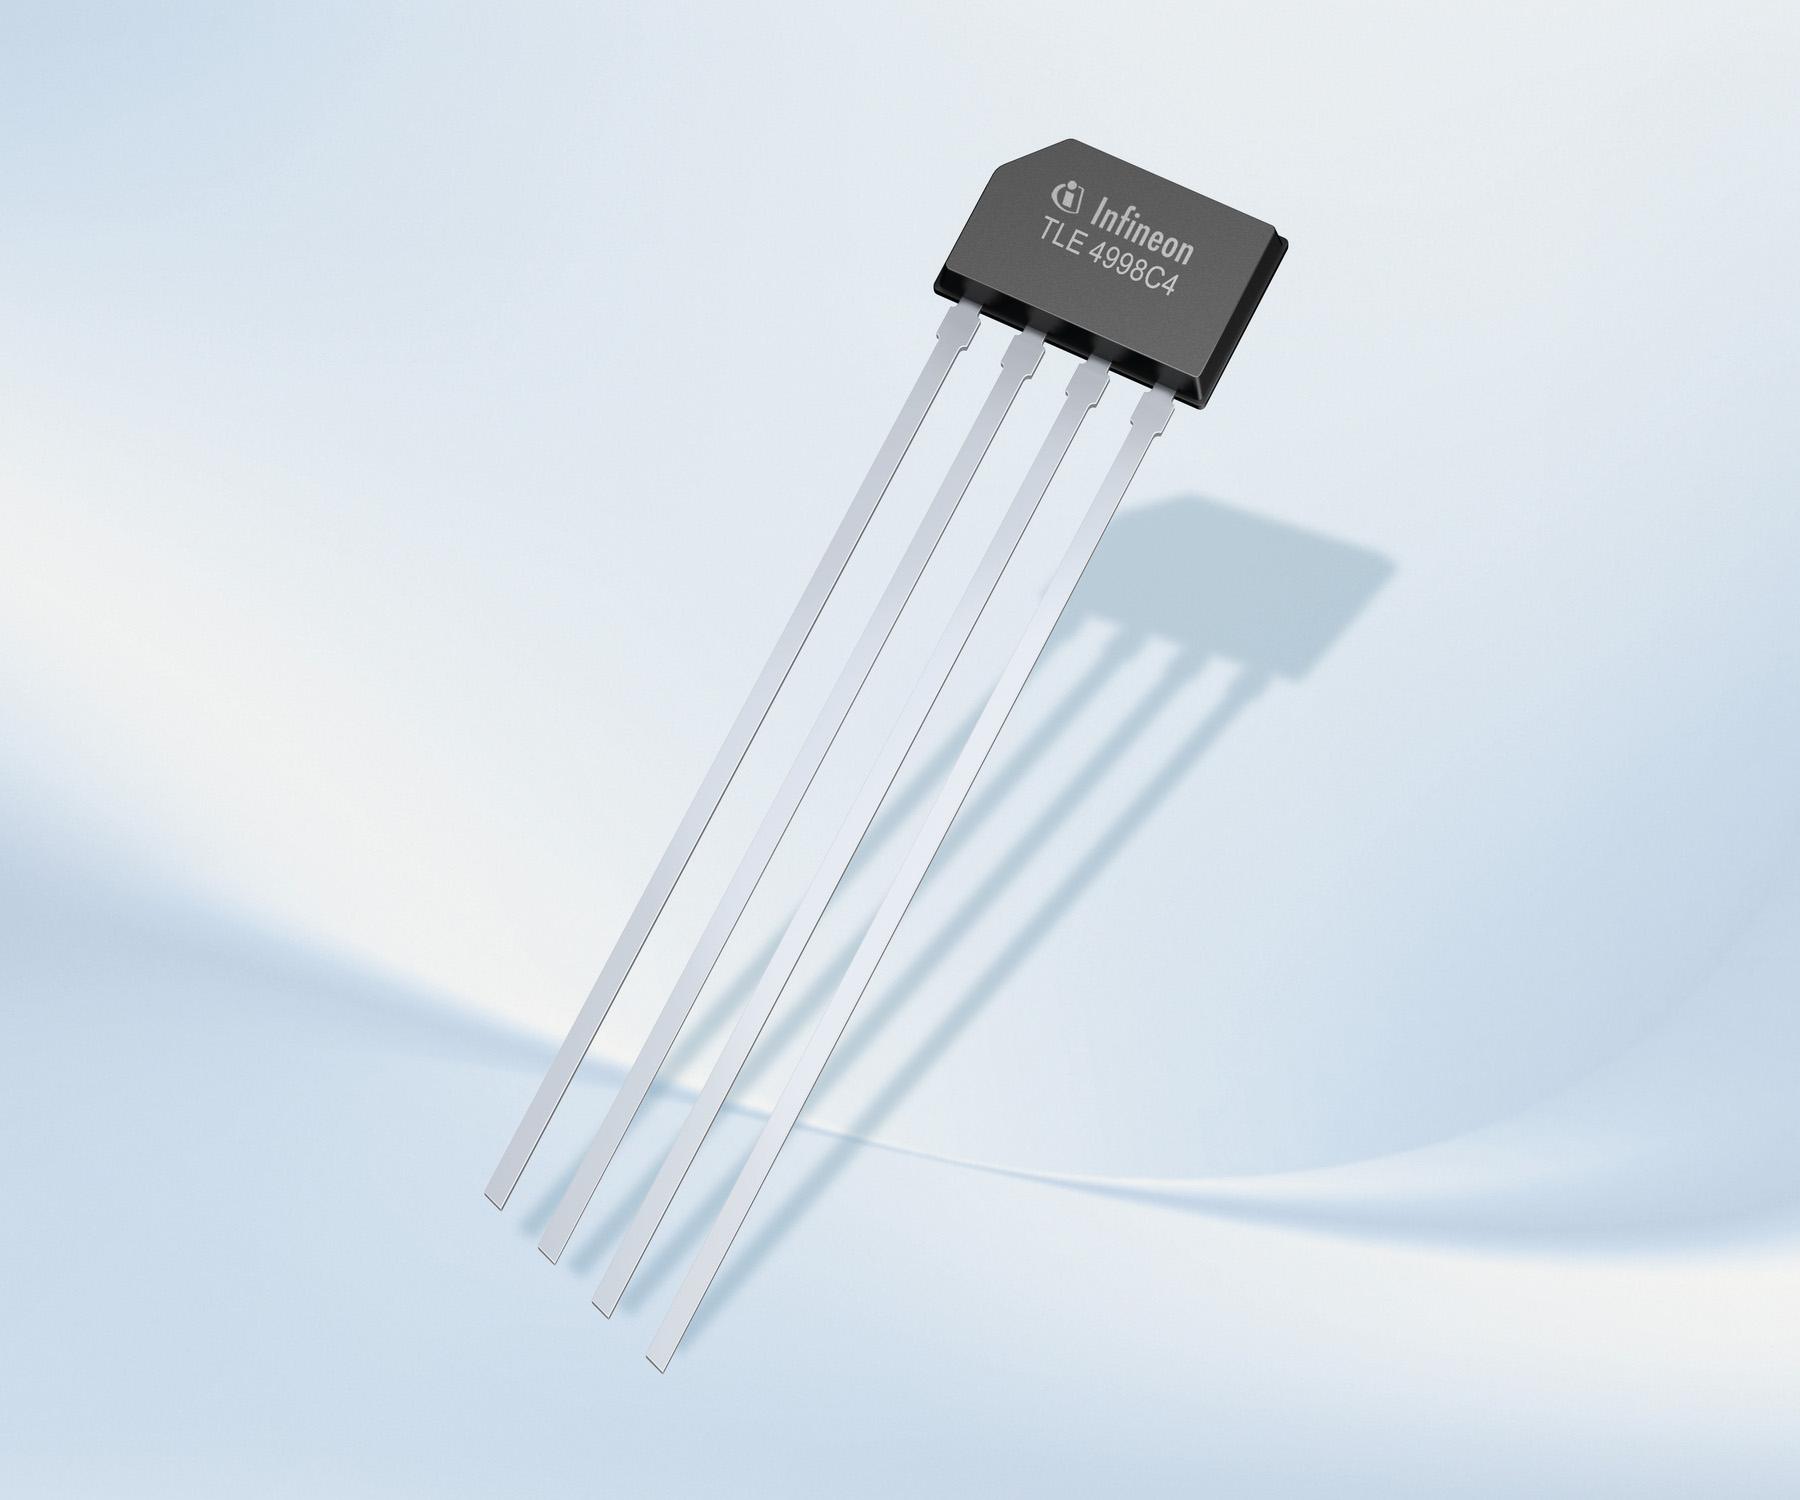 volkswagen   infineon sensor chip  electric power steering systems infineon technologies